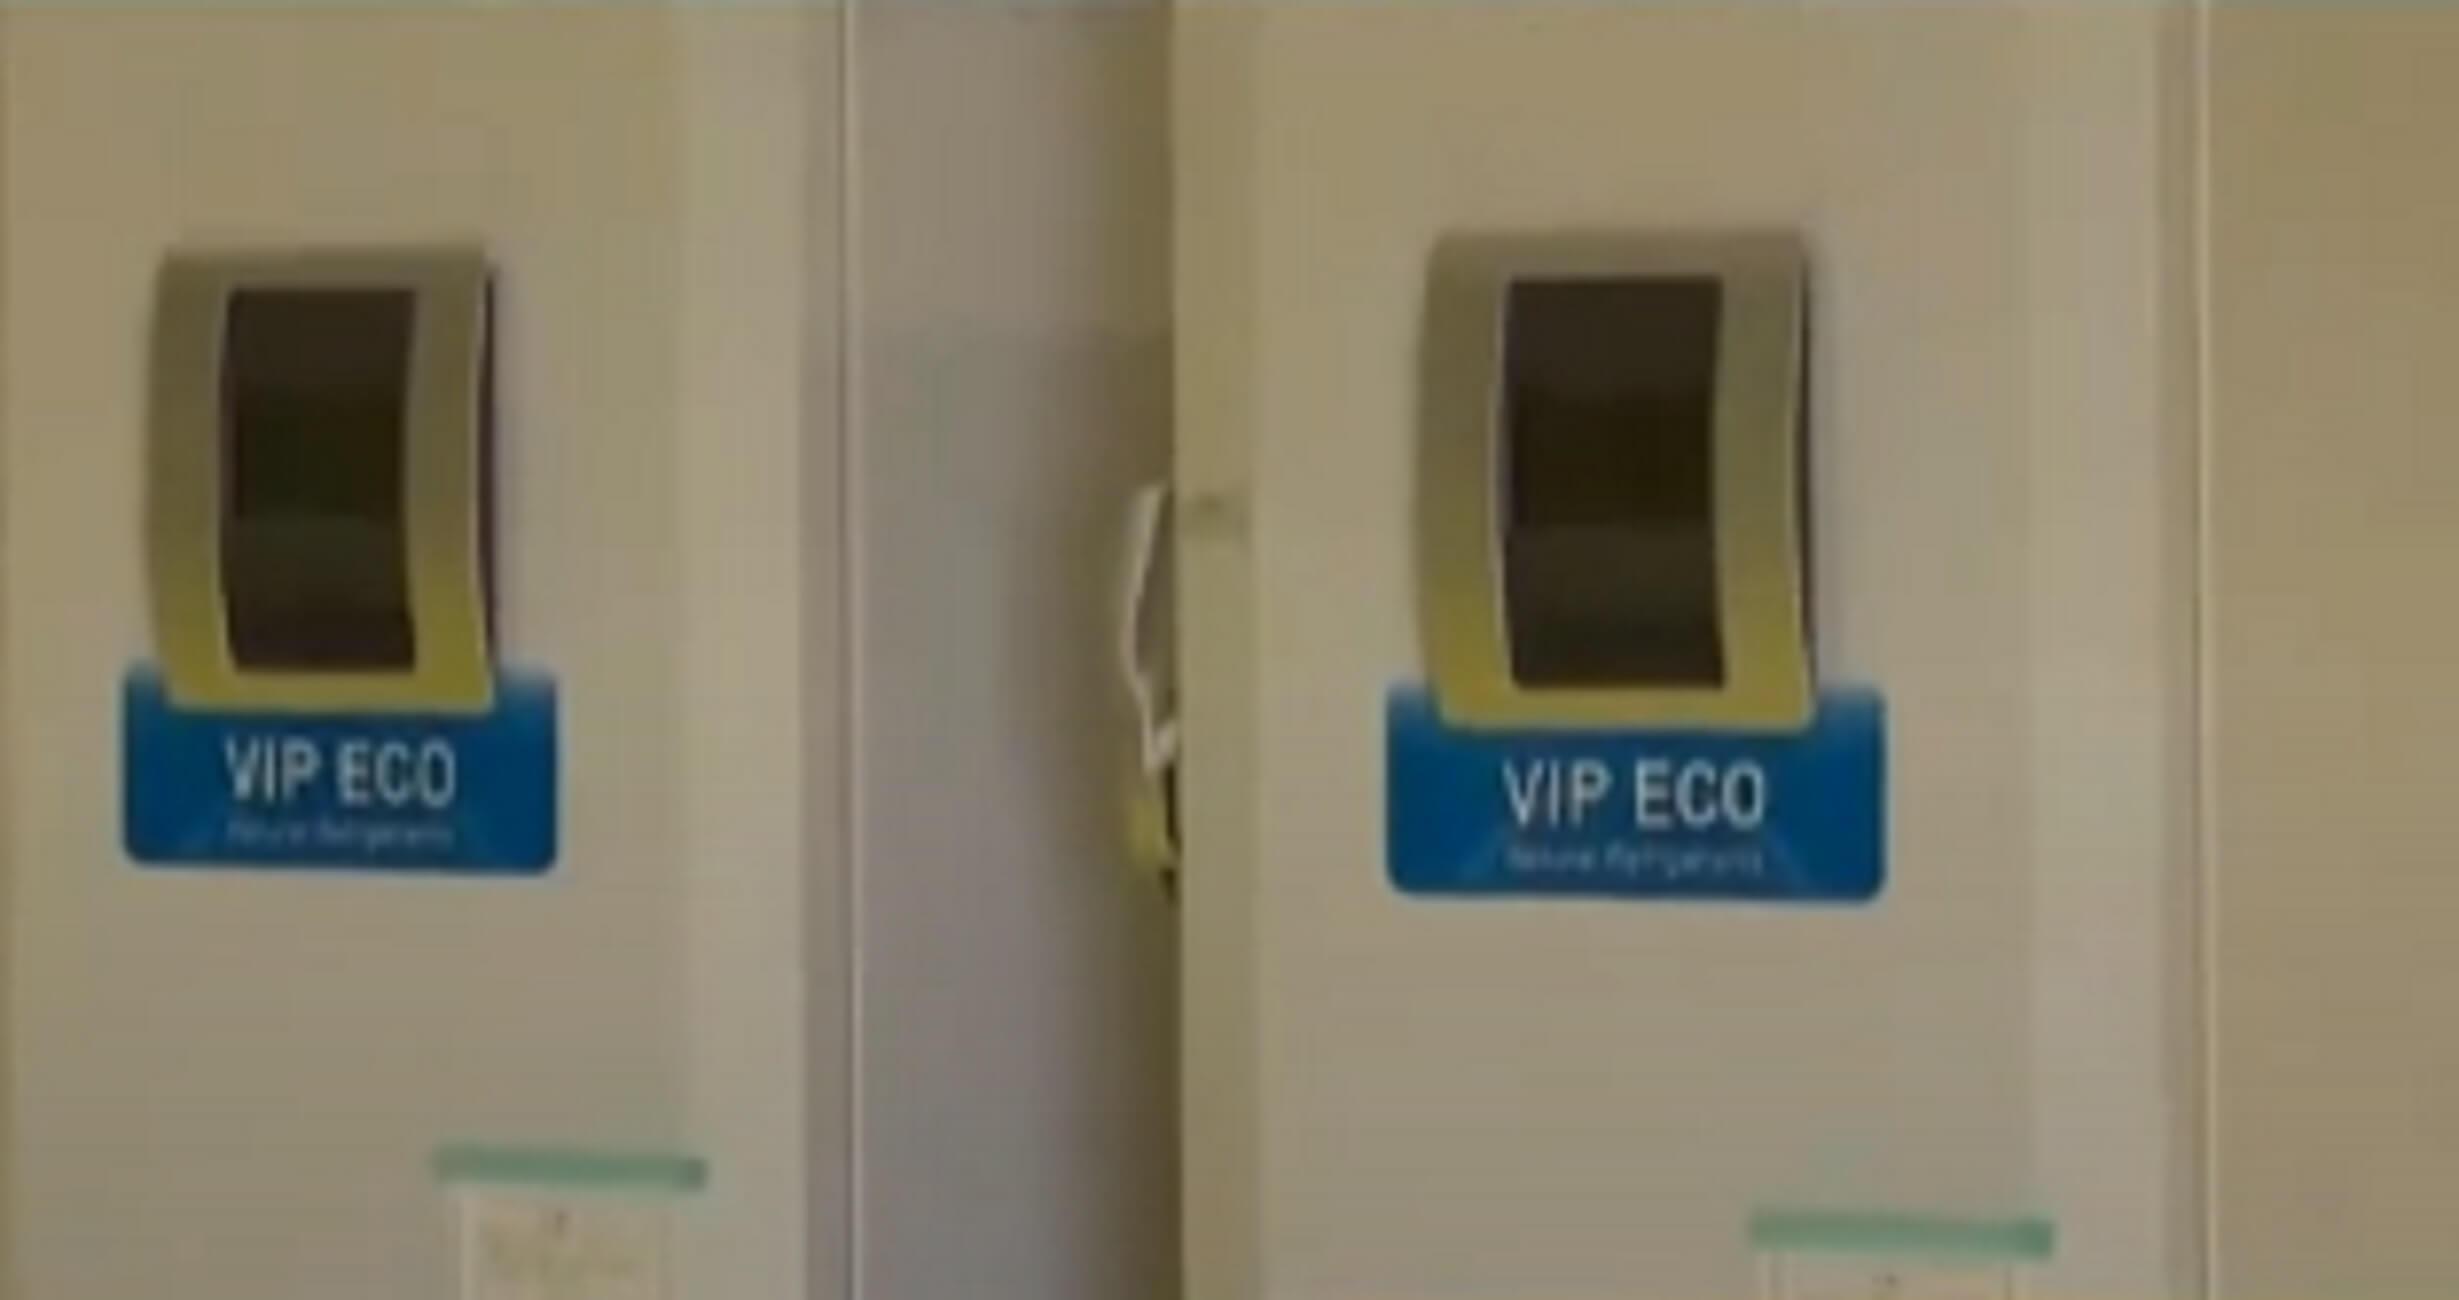 Εμβόλια: Έφτασαν στην Θεσσαλονίκη τα πρώτα ψυγεία - Στις 26/12 έρχεται η πρώτη παρτίδα